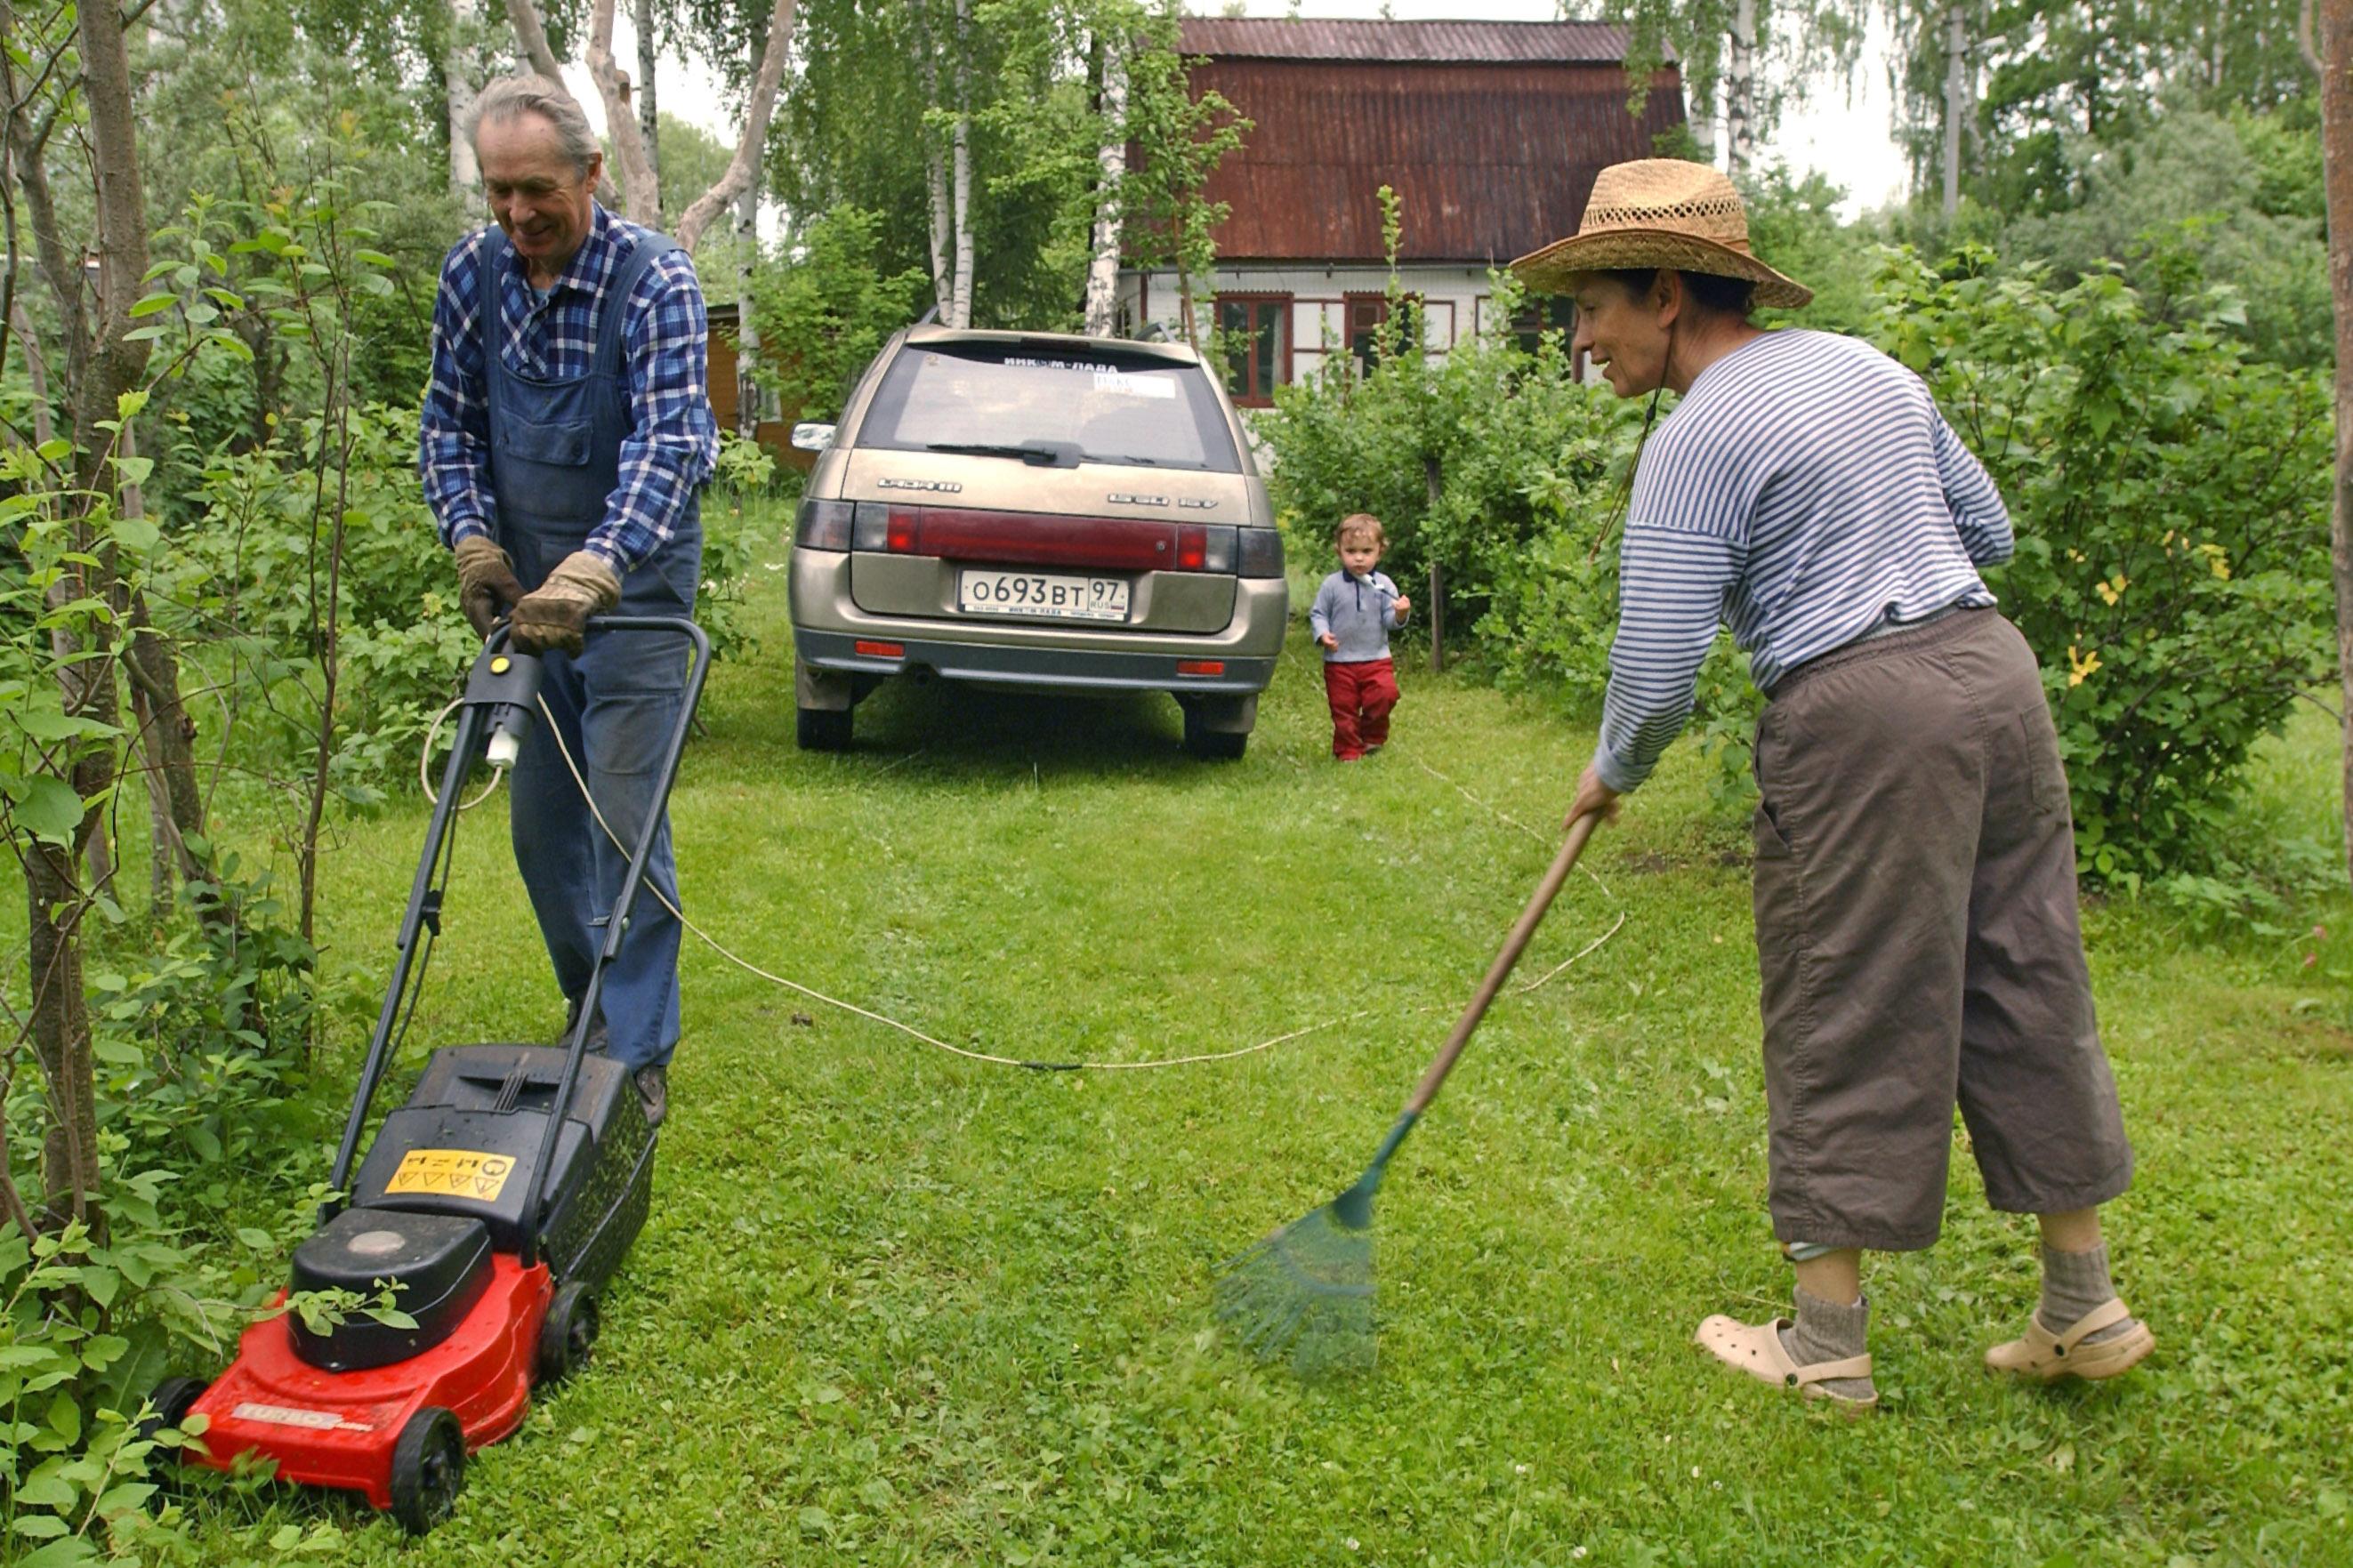 """Die Lieblingsimmobilie der Russen: """"Datschniki"""" in freier Wildbahn. Foto: TASS"""